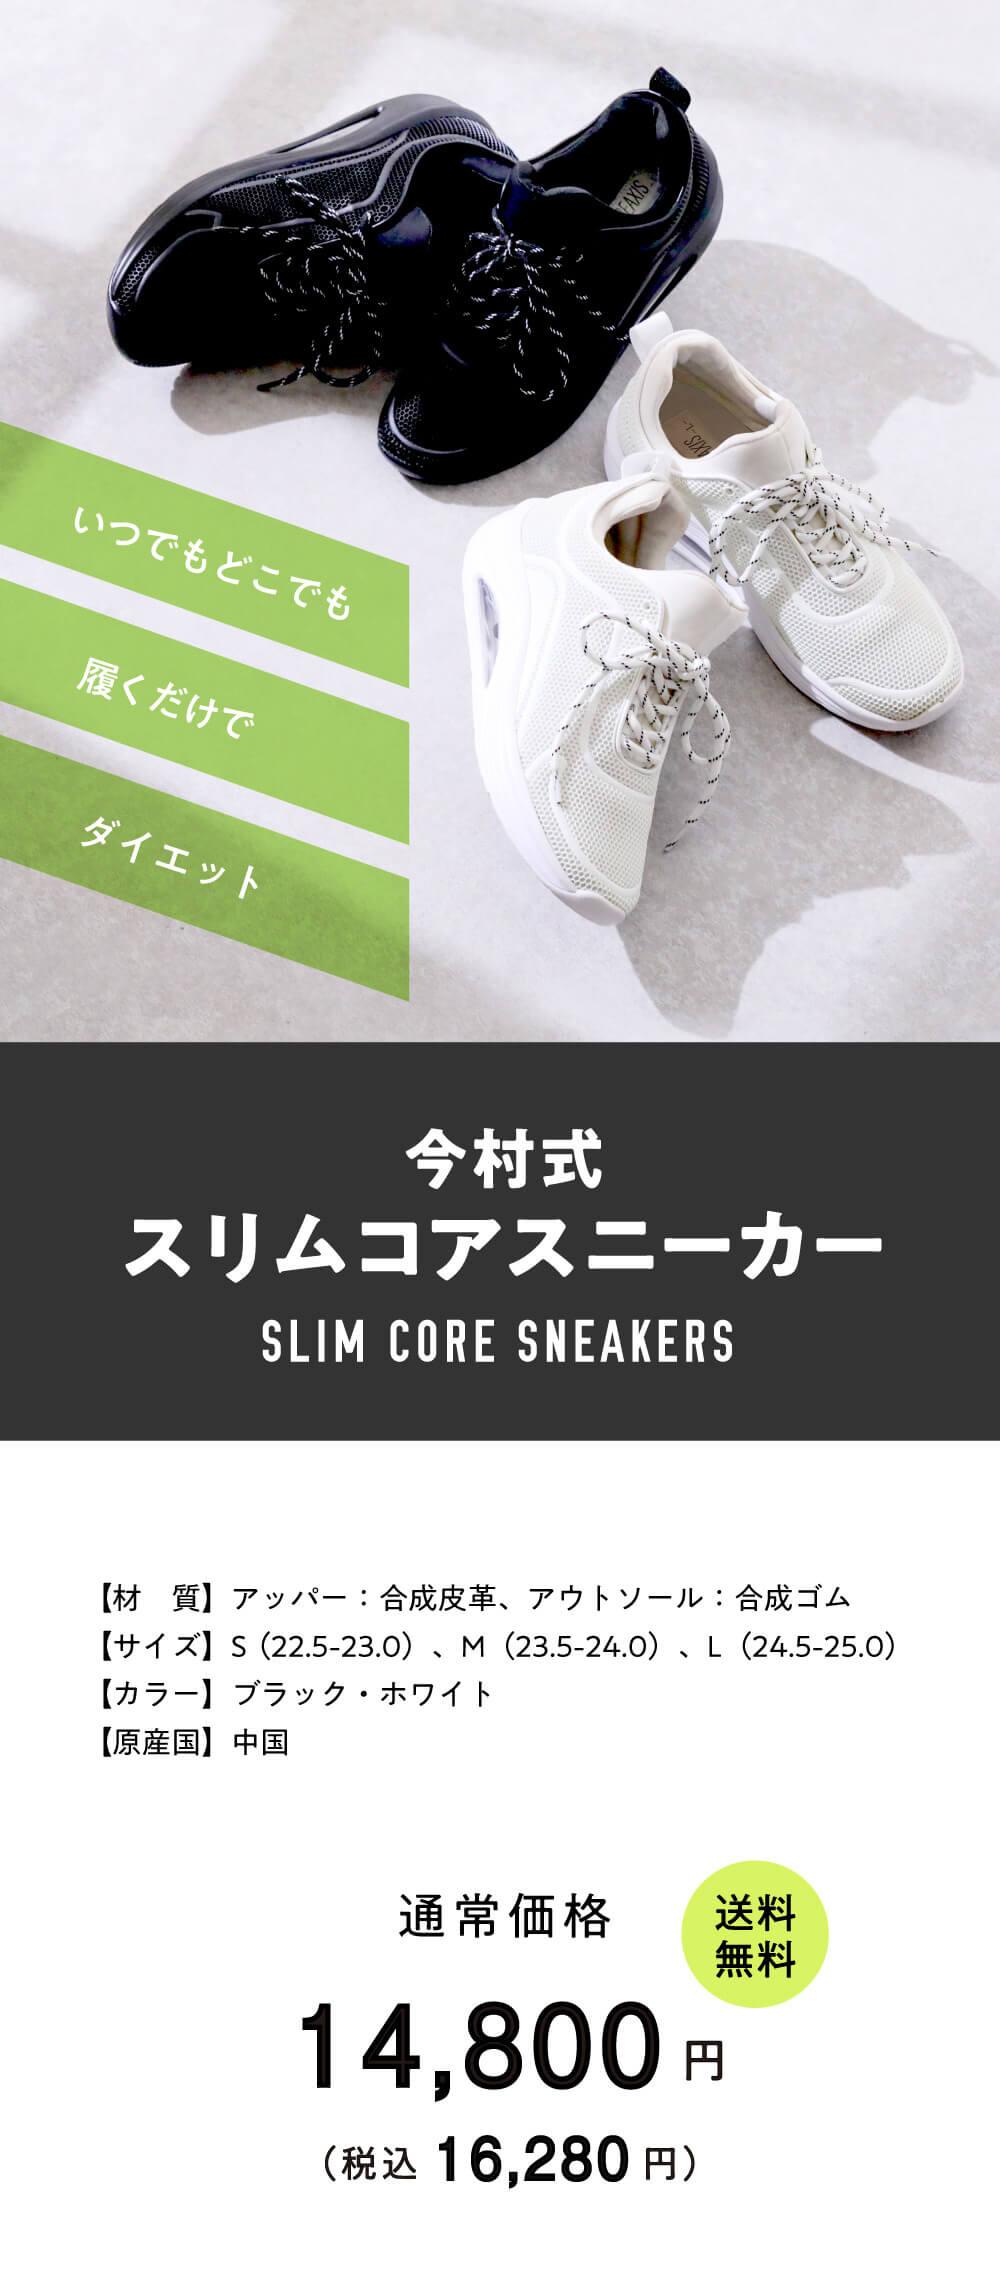 今村式スリムコアスニーカー商品詳細